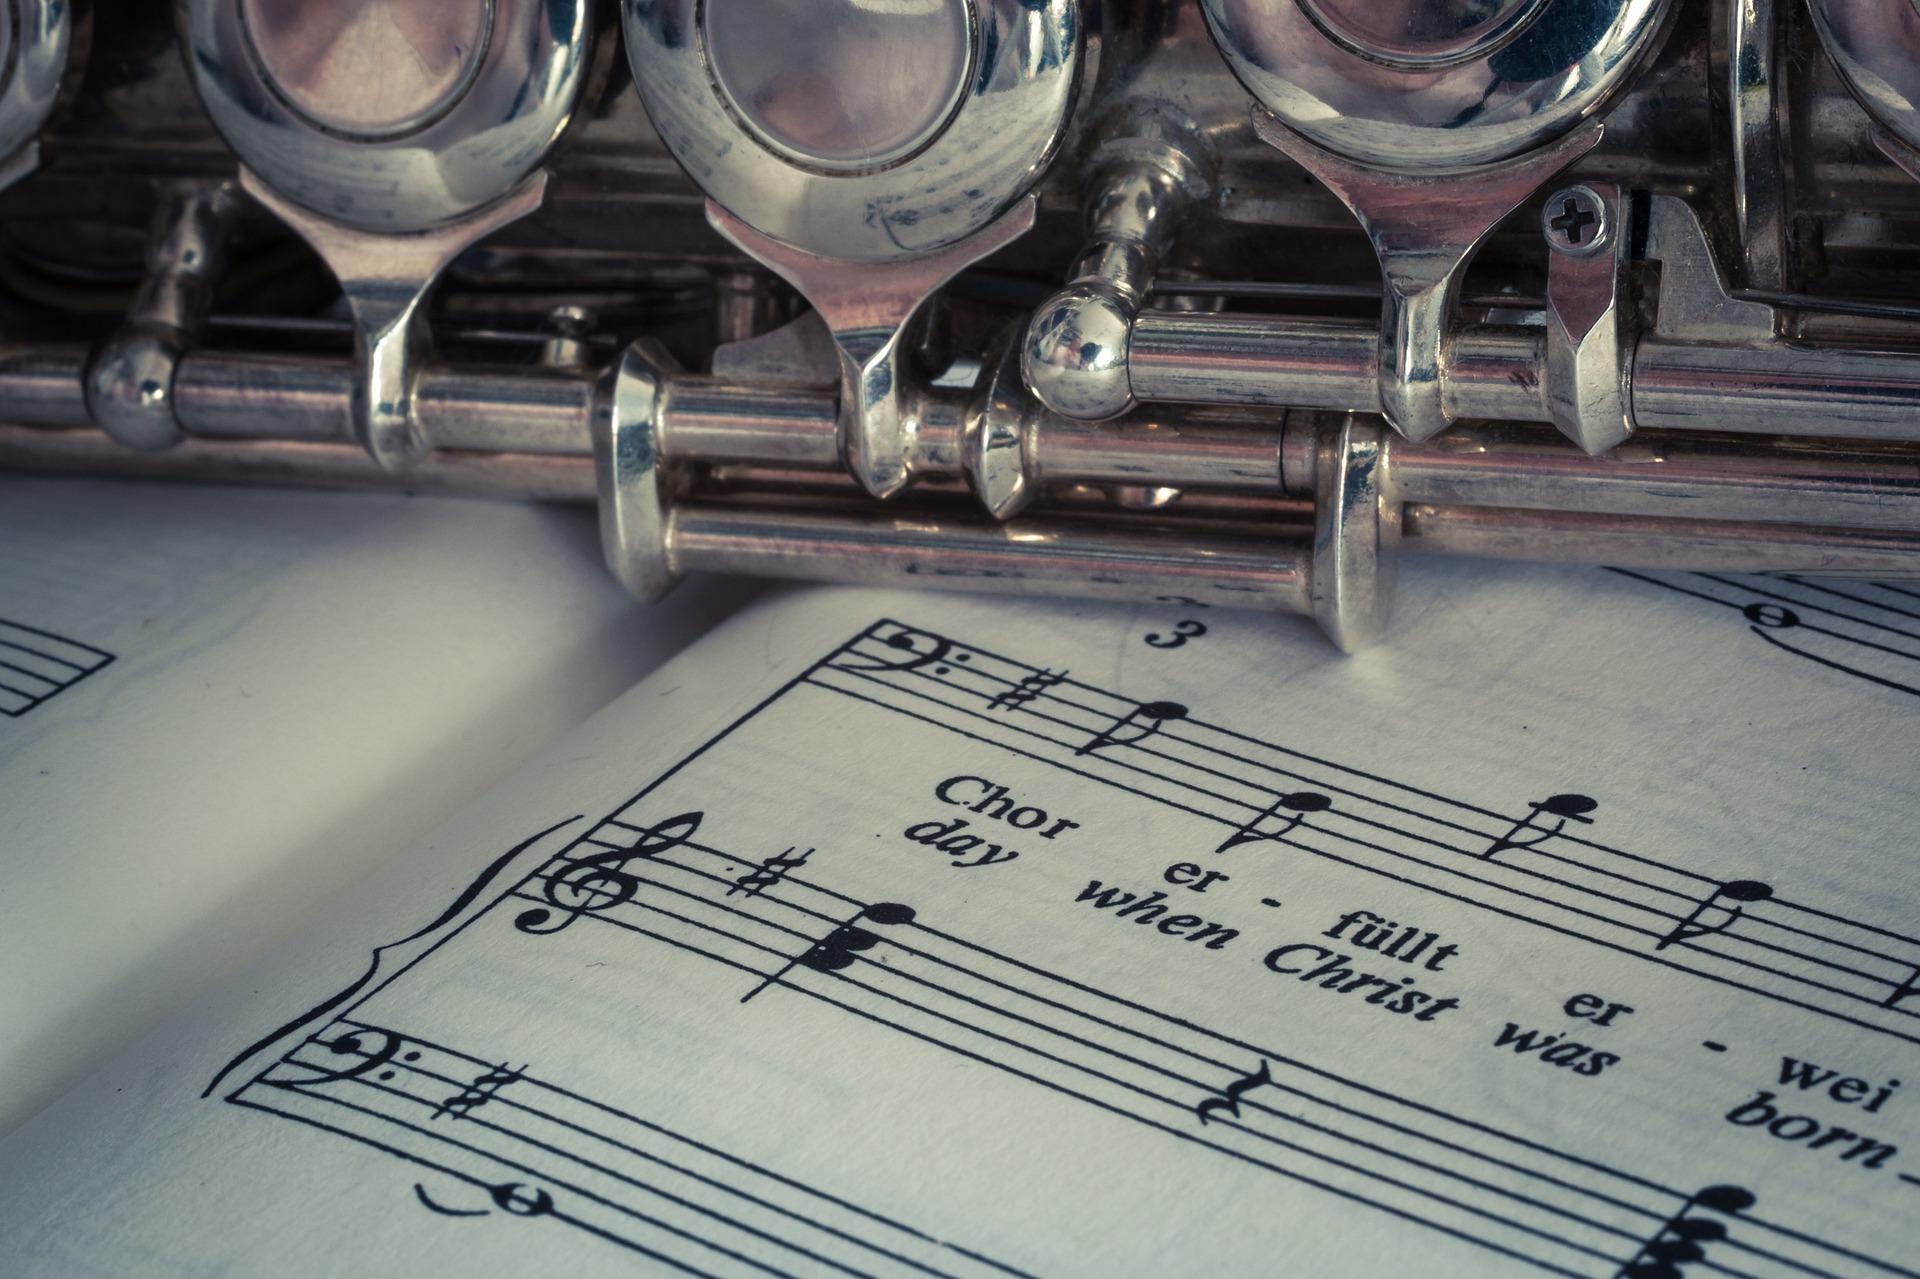 flute-1291423_1920.jpg